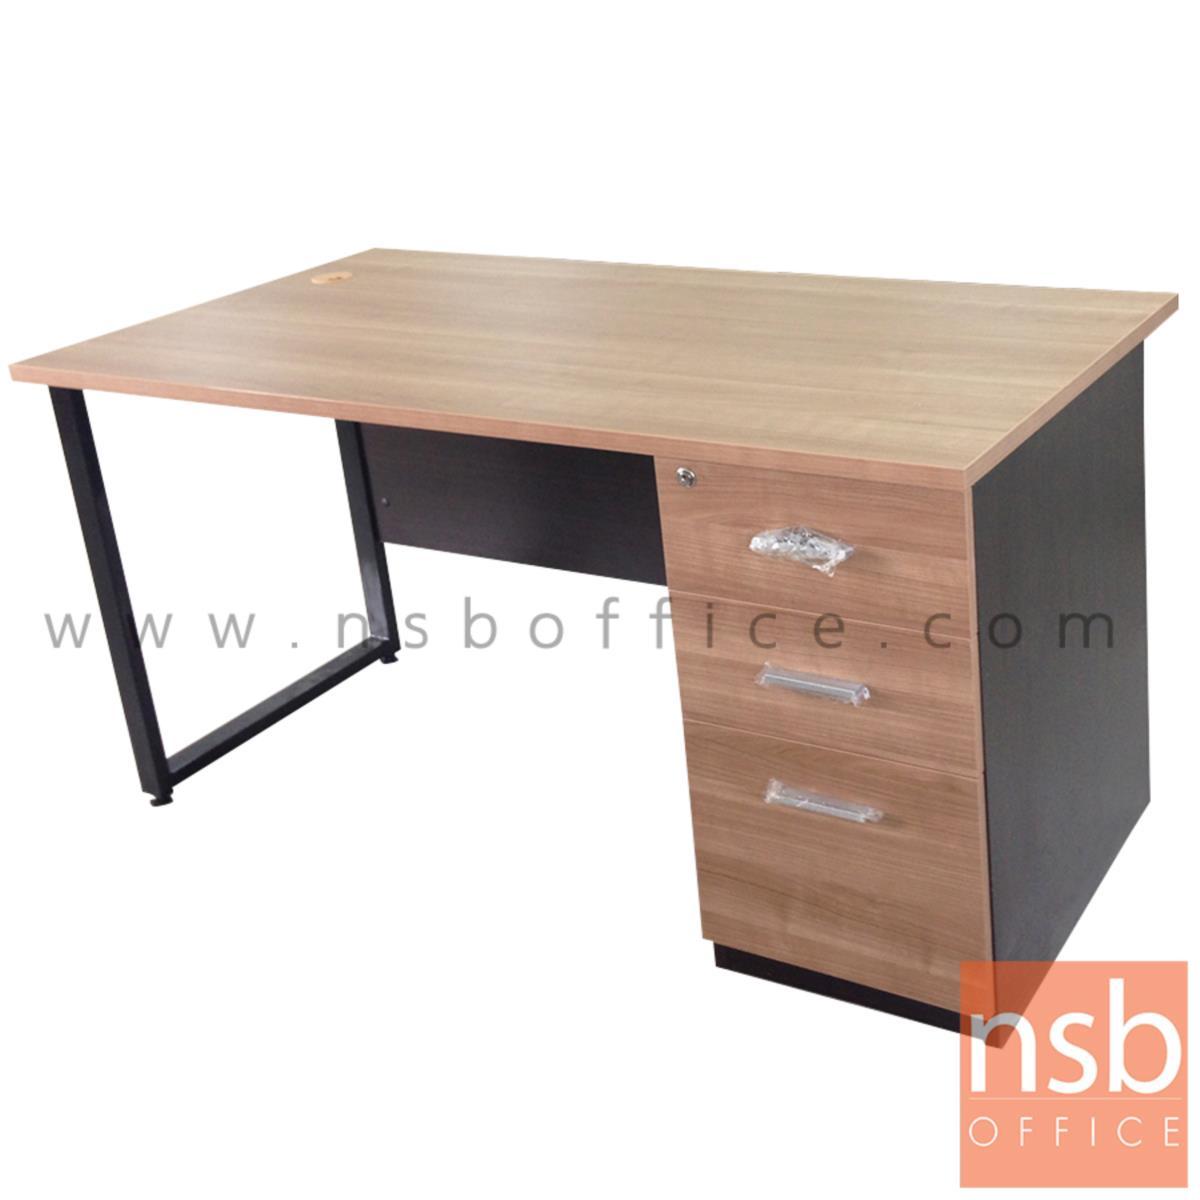 A18A040:โต๊ะทำงาน 3 ลิ้นชักทึบ  ขนาด 120W ,135W ,150W ,160W ,180W cm.  ขาเหล็กกล่องพ่นสี